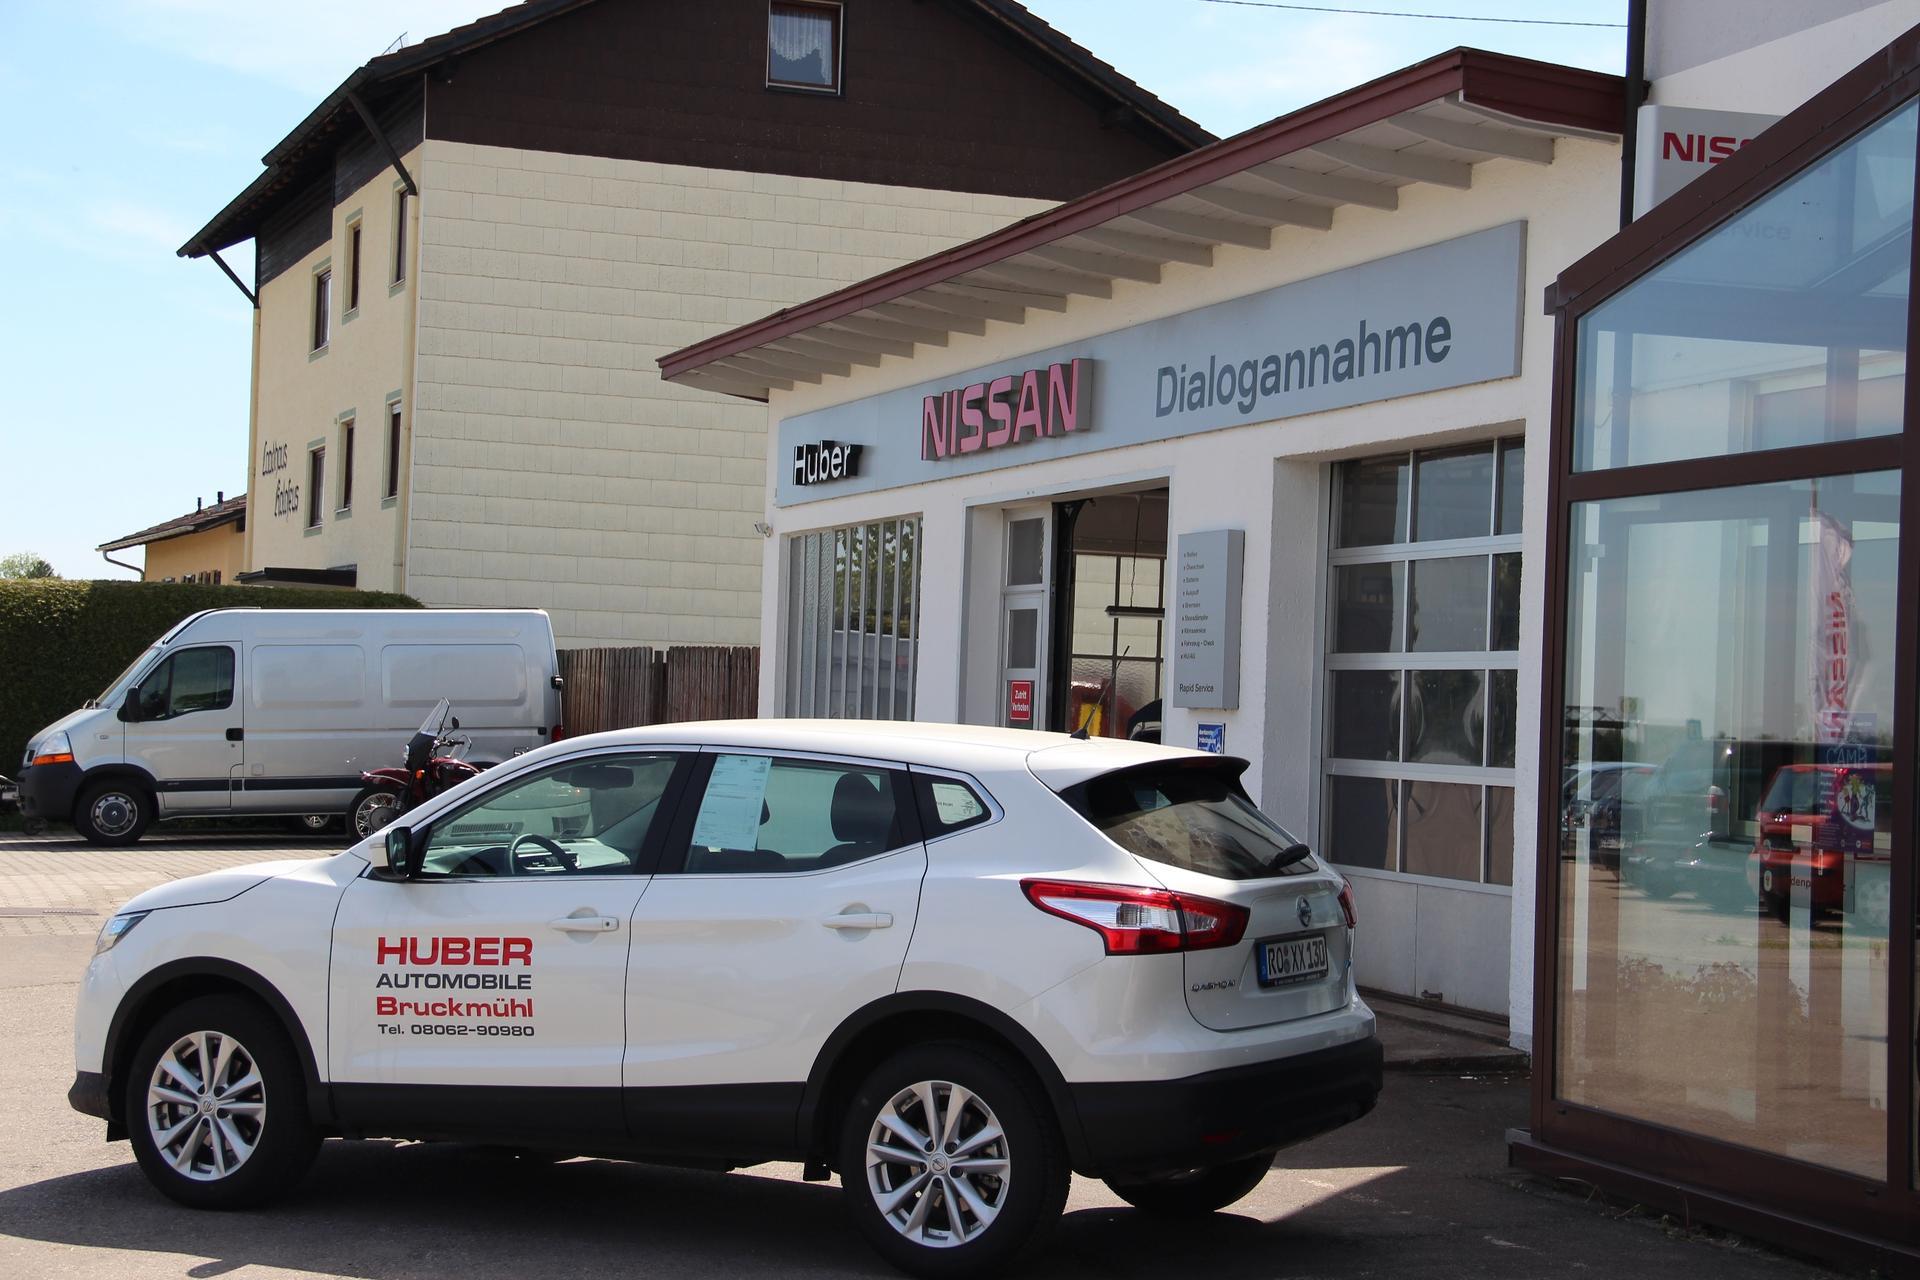 HUBER AUTOMOBILE GMBH - EU-Fahrzeuge und Werkstatt - Nissan Partner